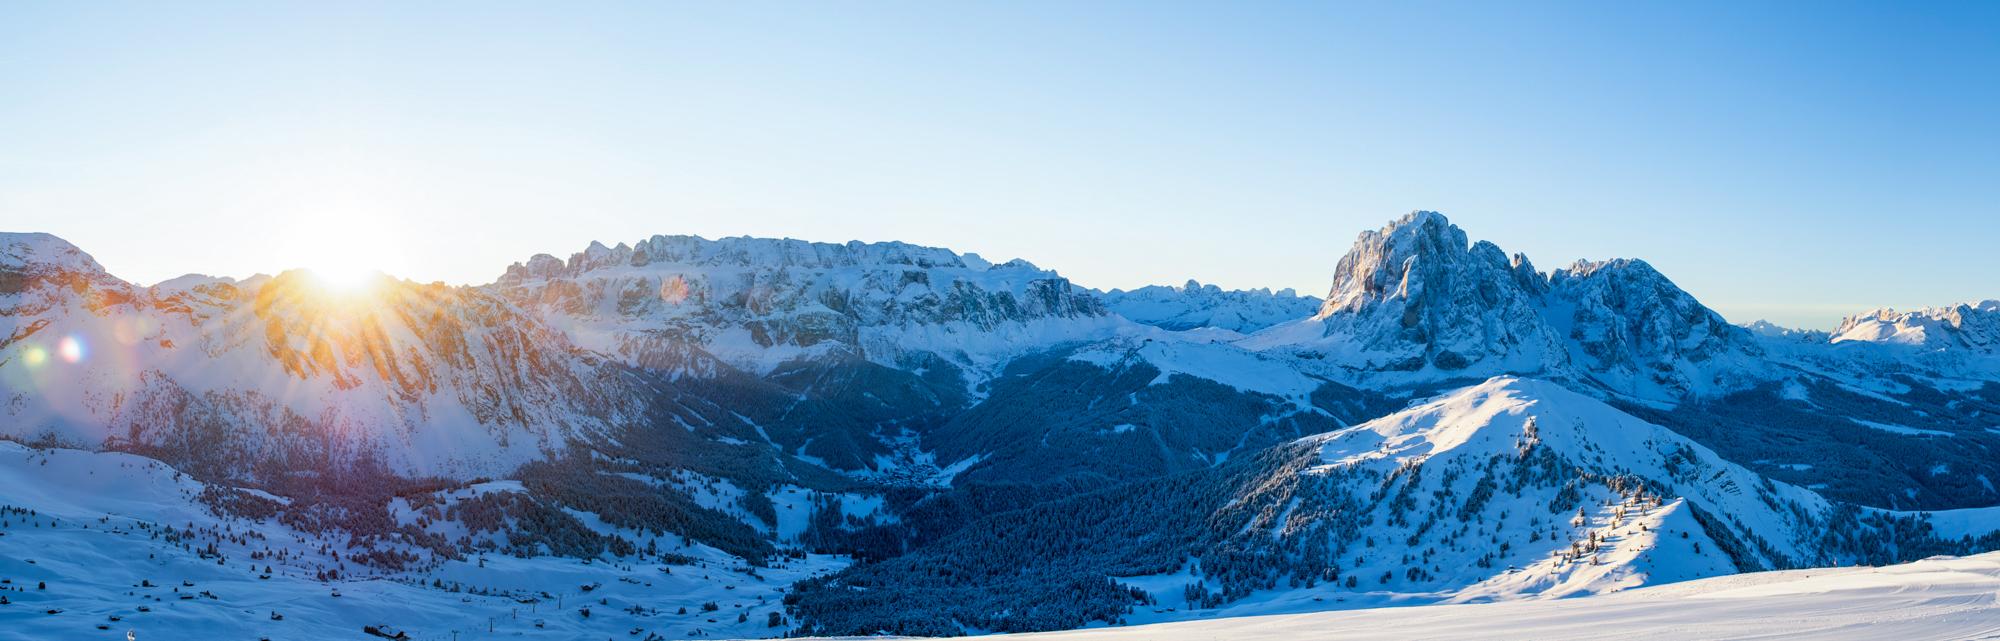 Panorama Val Gardeny - nawprost masyw Selli, poprawej Sassolungo